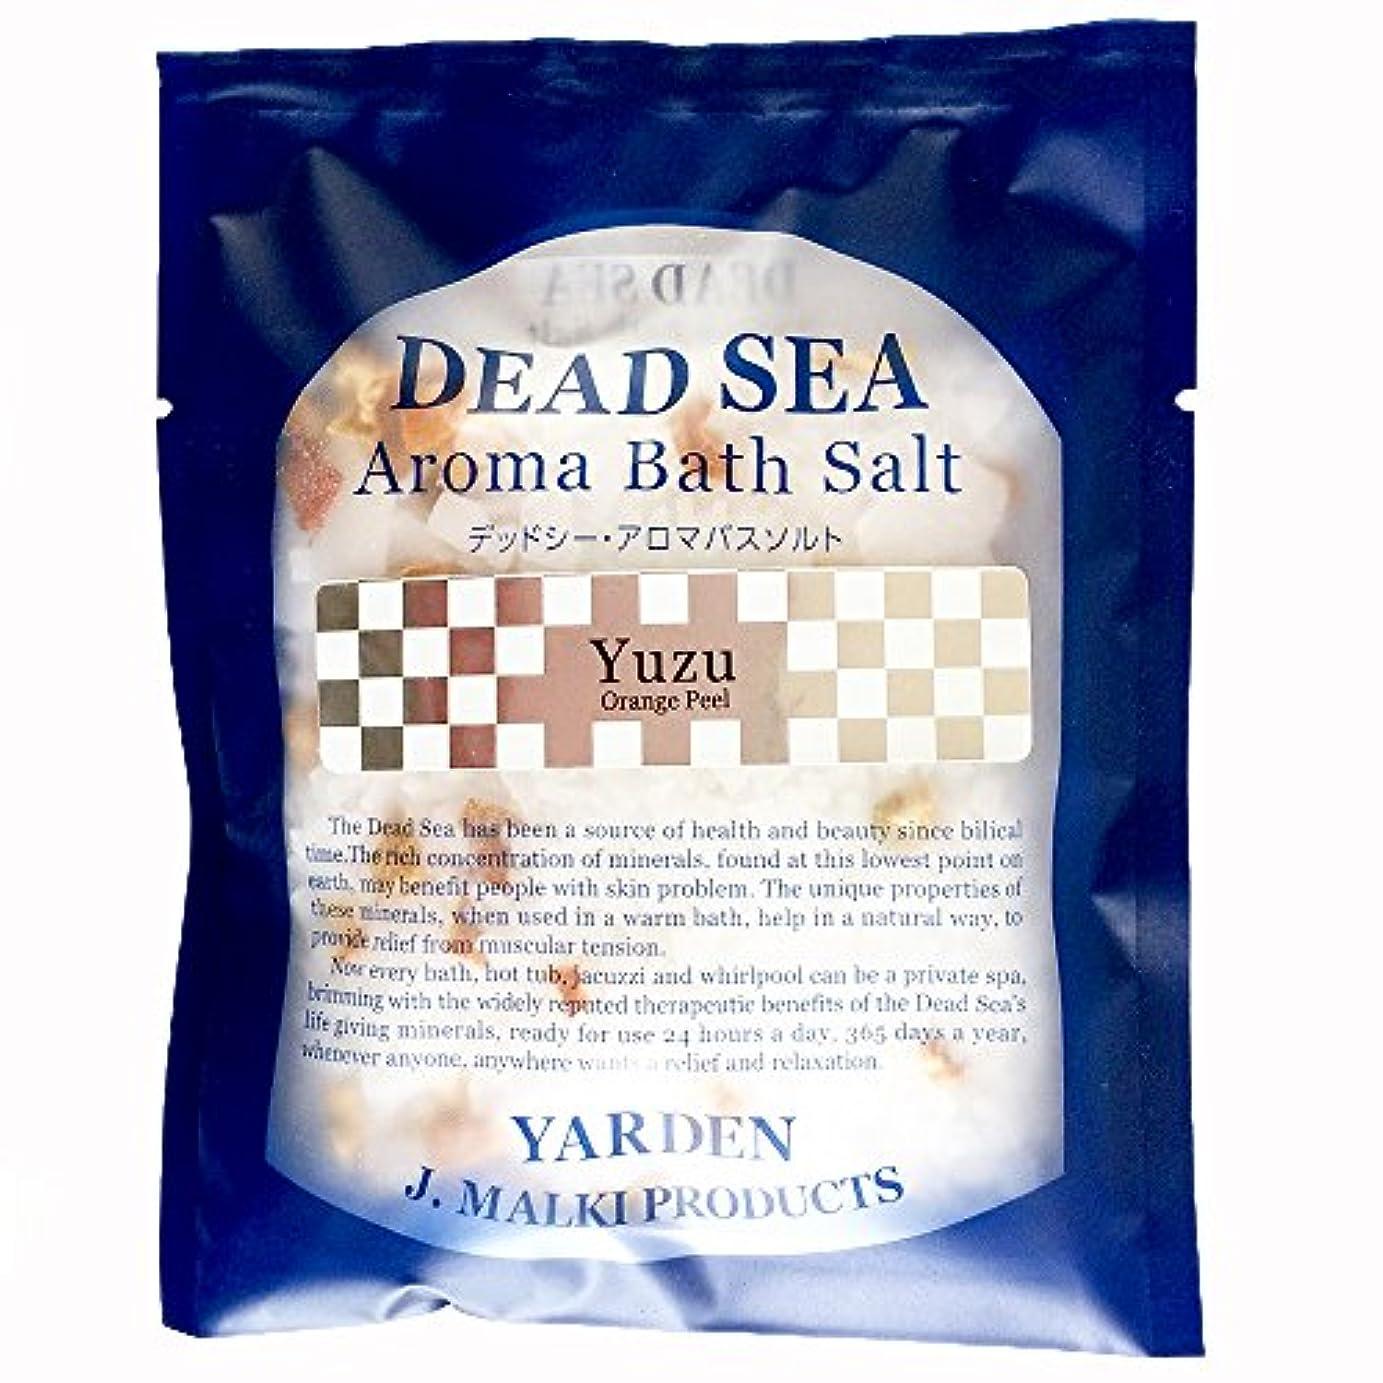 話孤独運動デッドシー?アロマバスソルト/ユズ 80g 【DEAD SEA AROMA BATH SALT】死海の塩+精油+ハーブ/入浴剤(入浴用化粧品)【正規販売店】